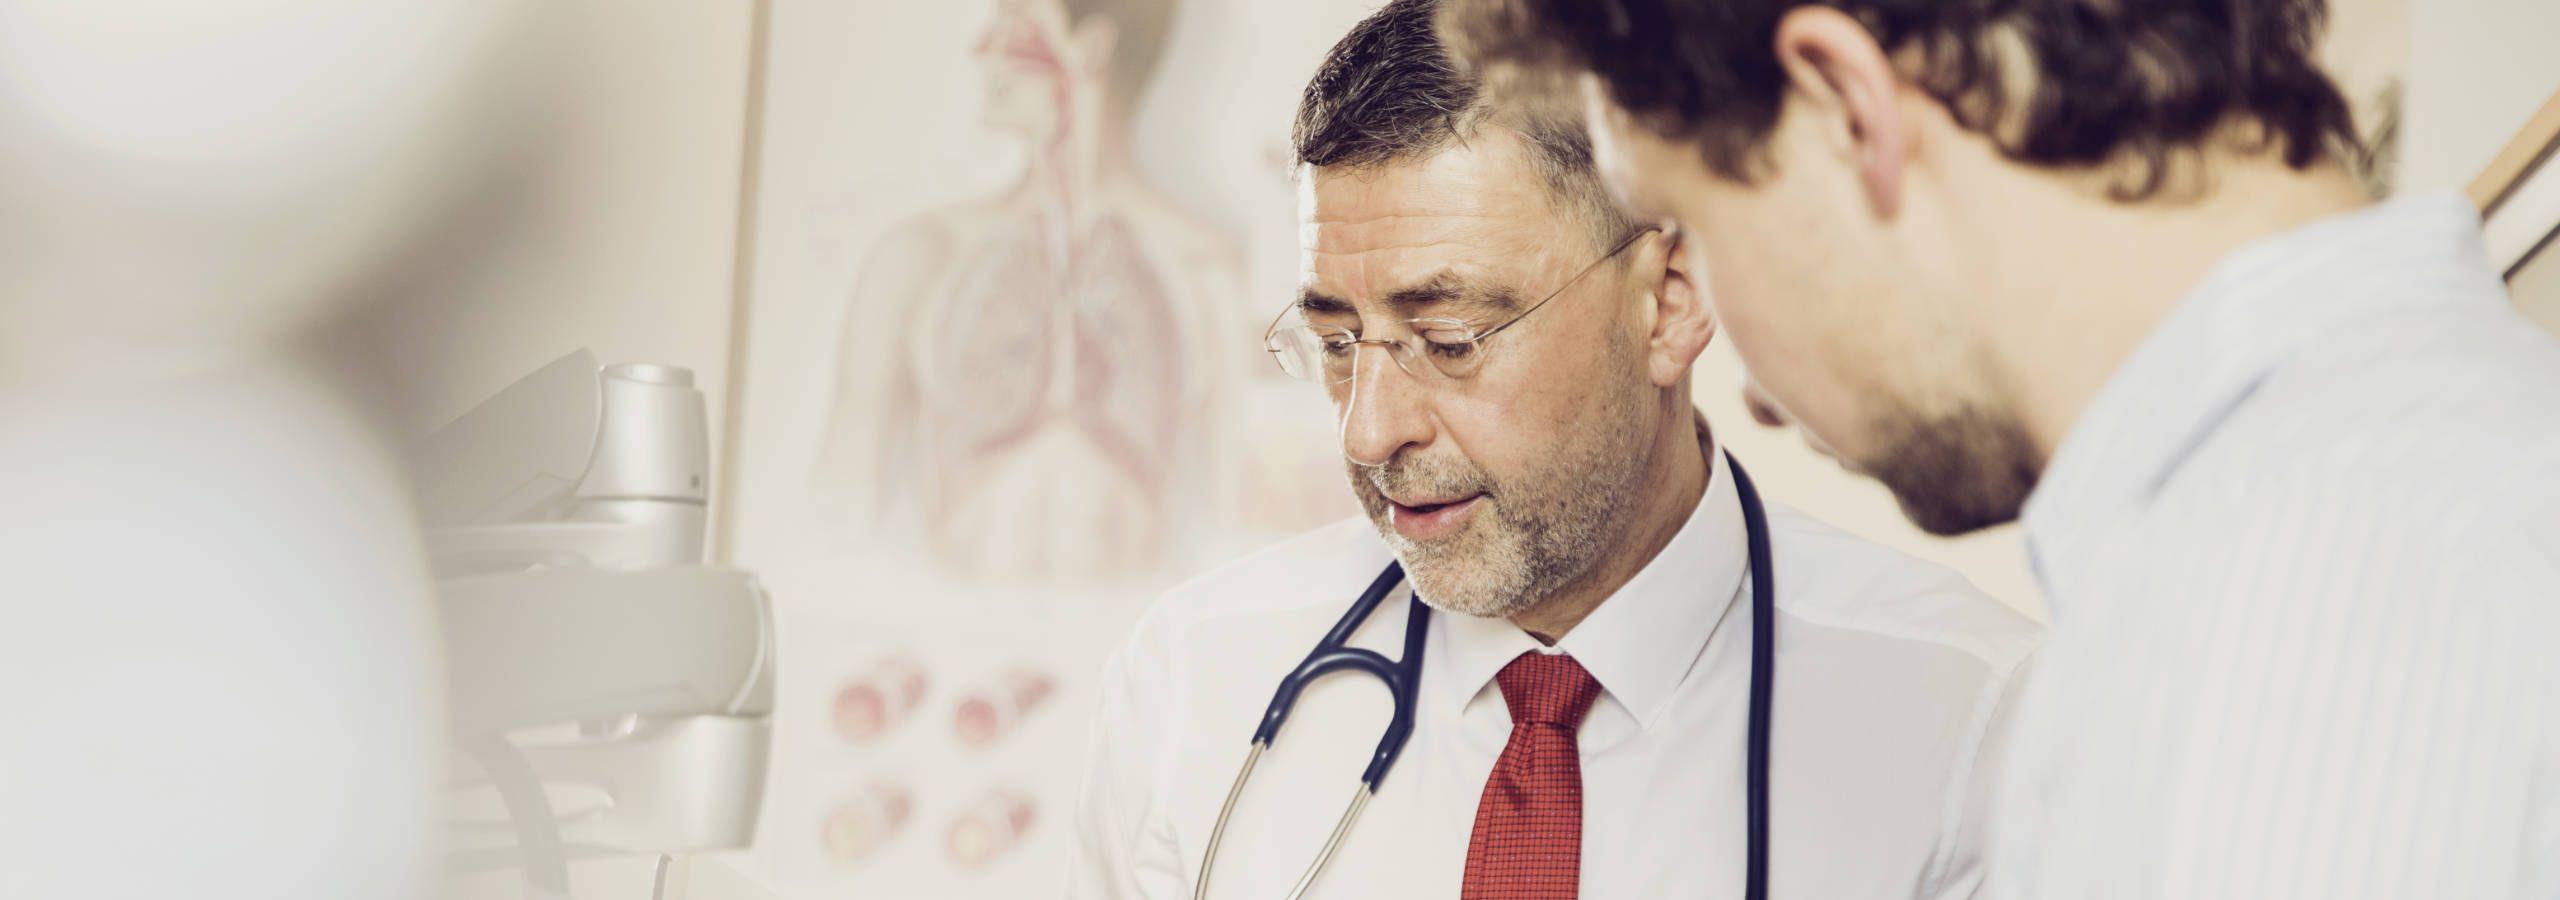 Lungenfacharzt München